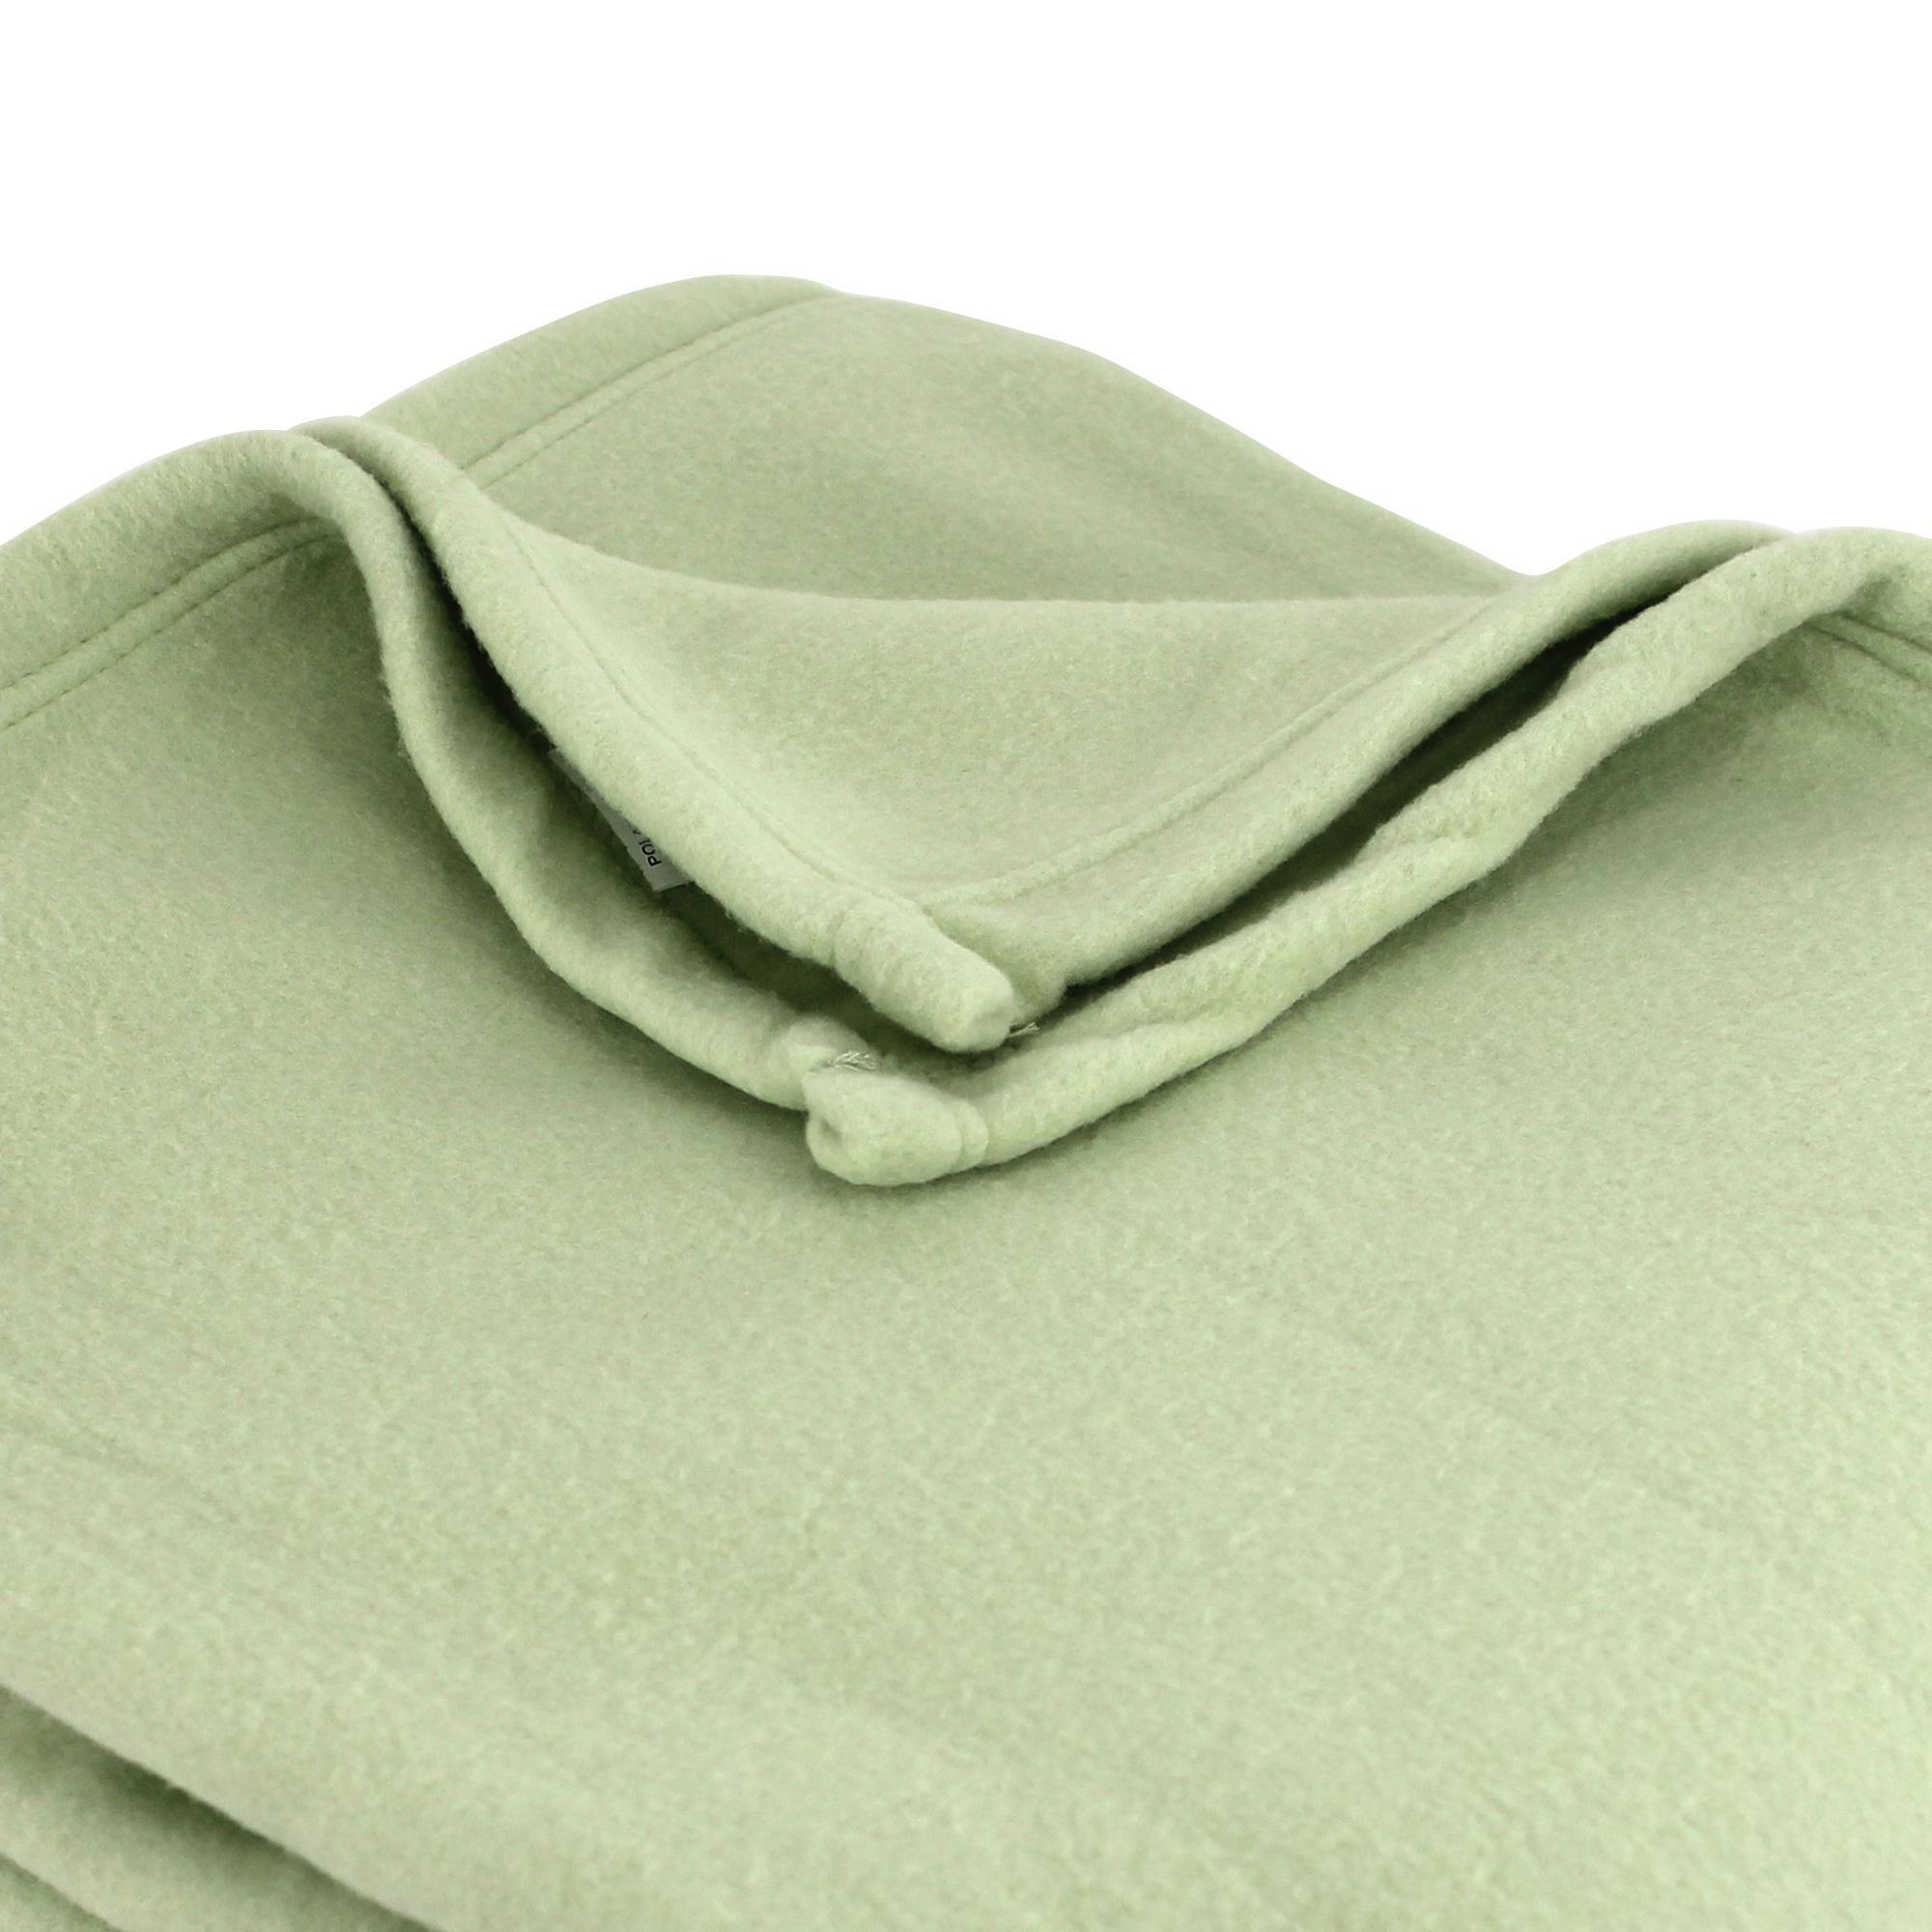 couverture polaire polyester 220x240 cm teddy tilleul linnea linge de maison et. Black Bedroom Furniture Sets. Home Design Ideas